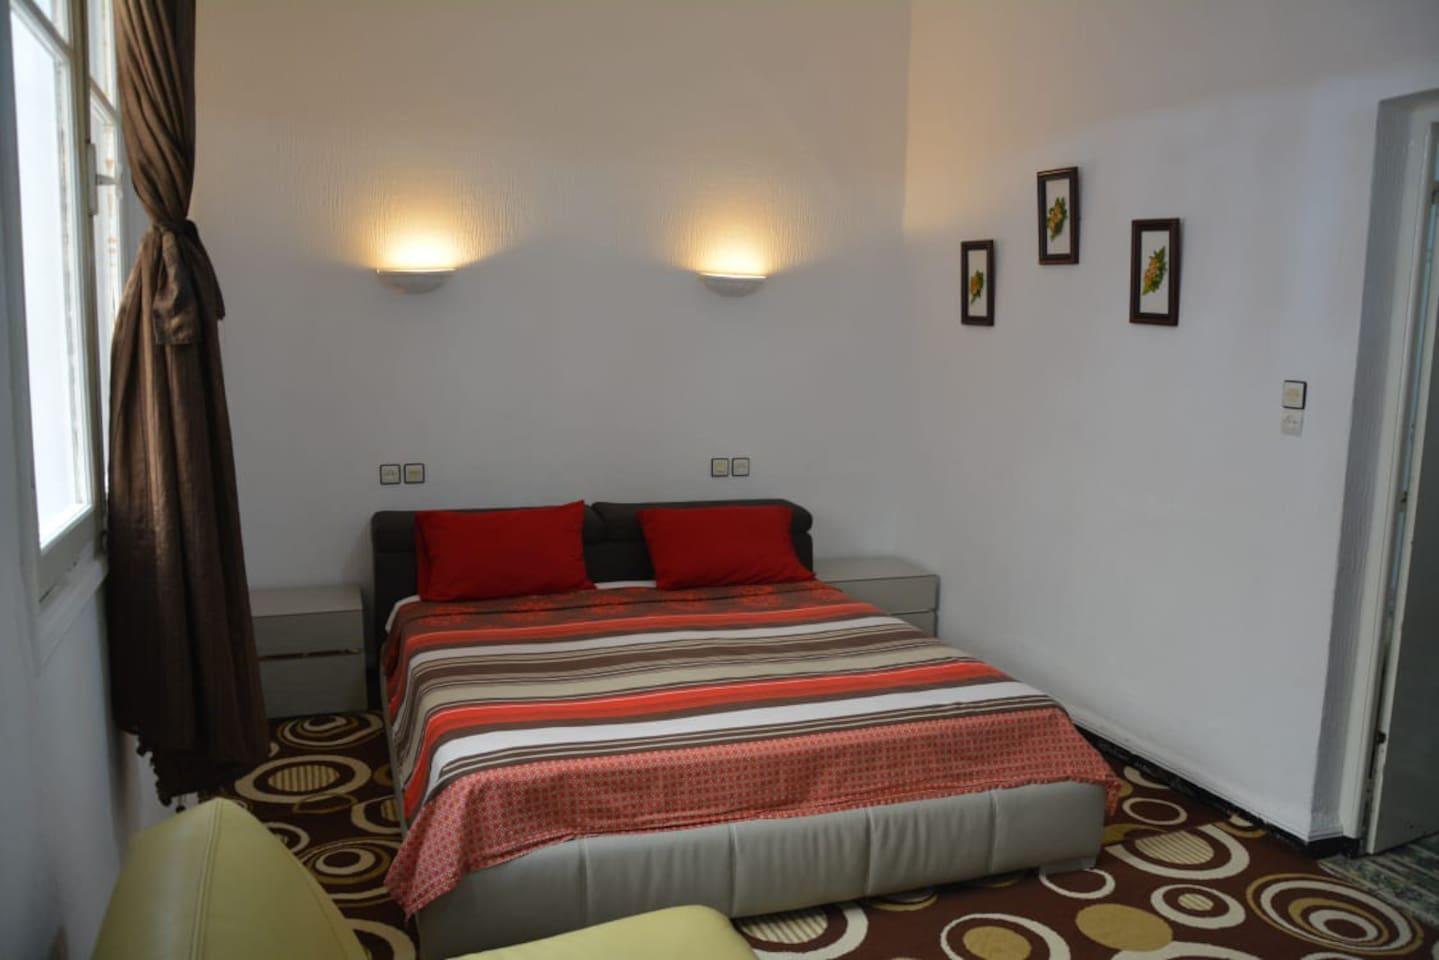 Chambre à coucher spacieuse avec lit en 180 cm et armoire encastré.